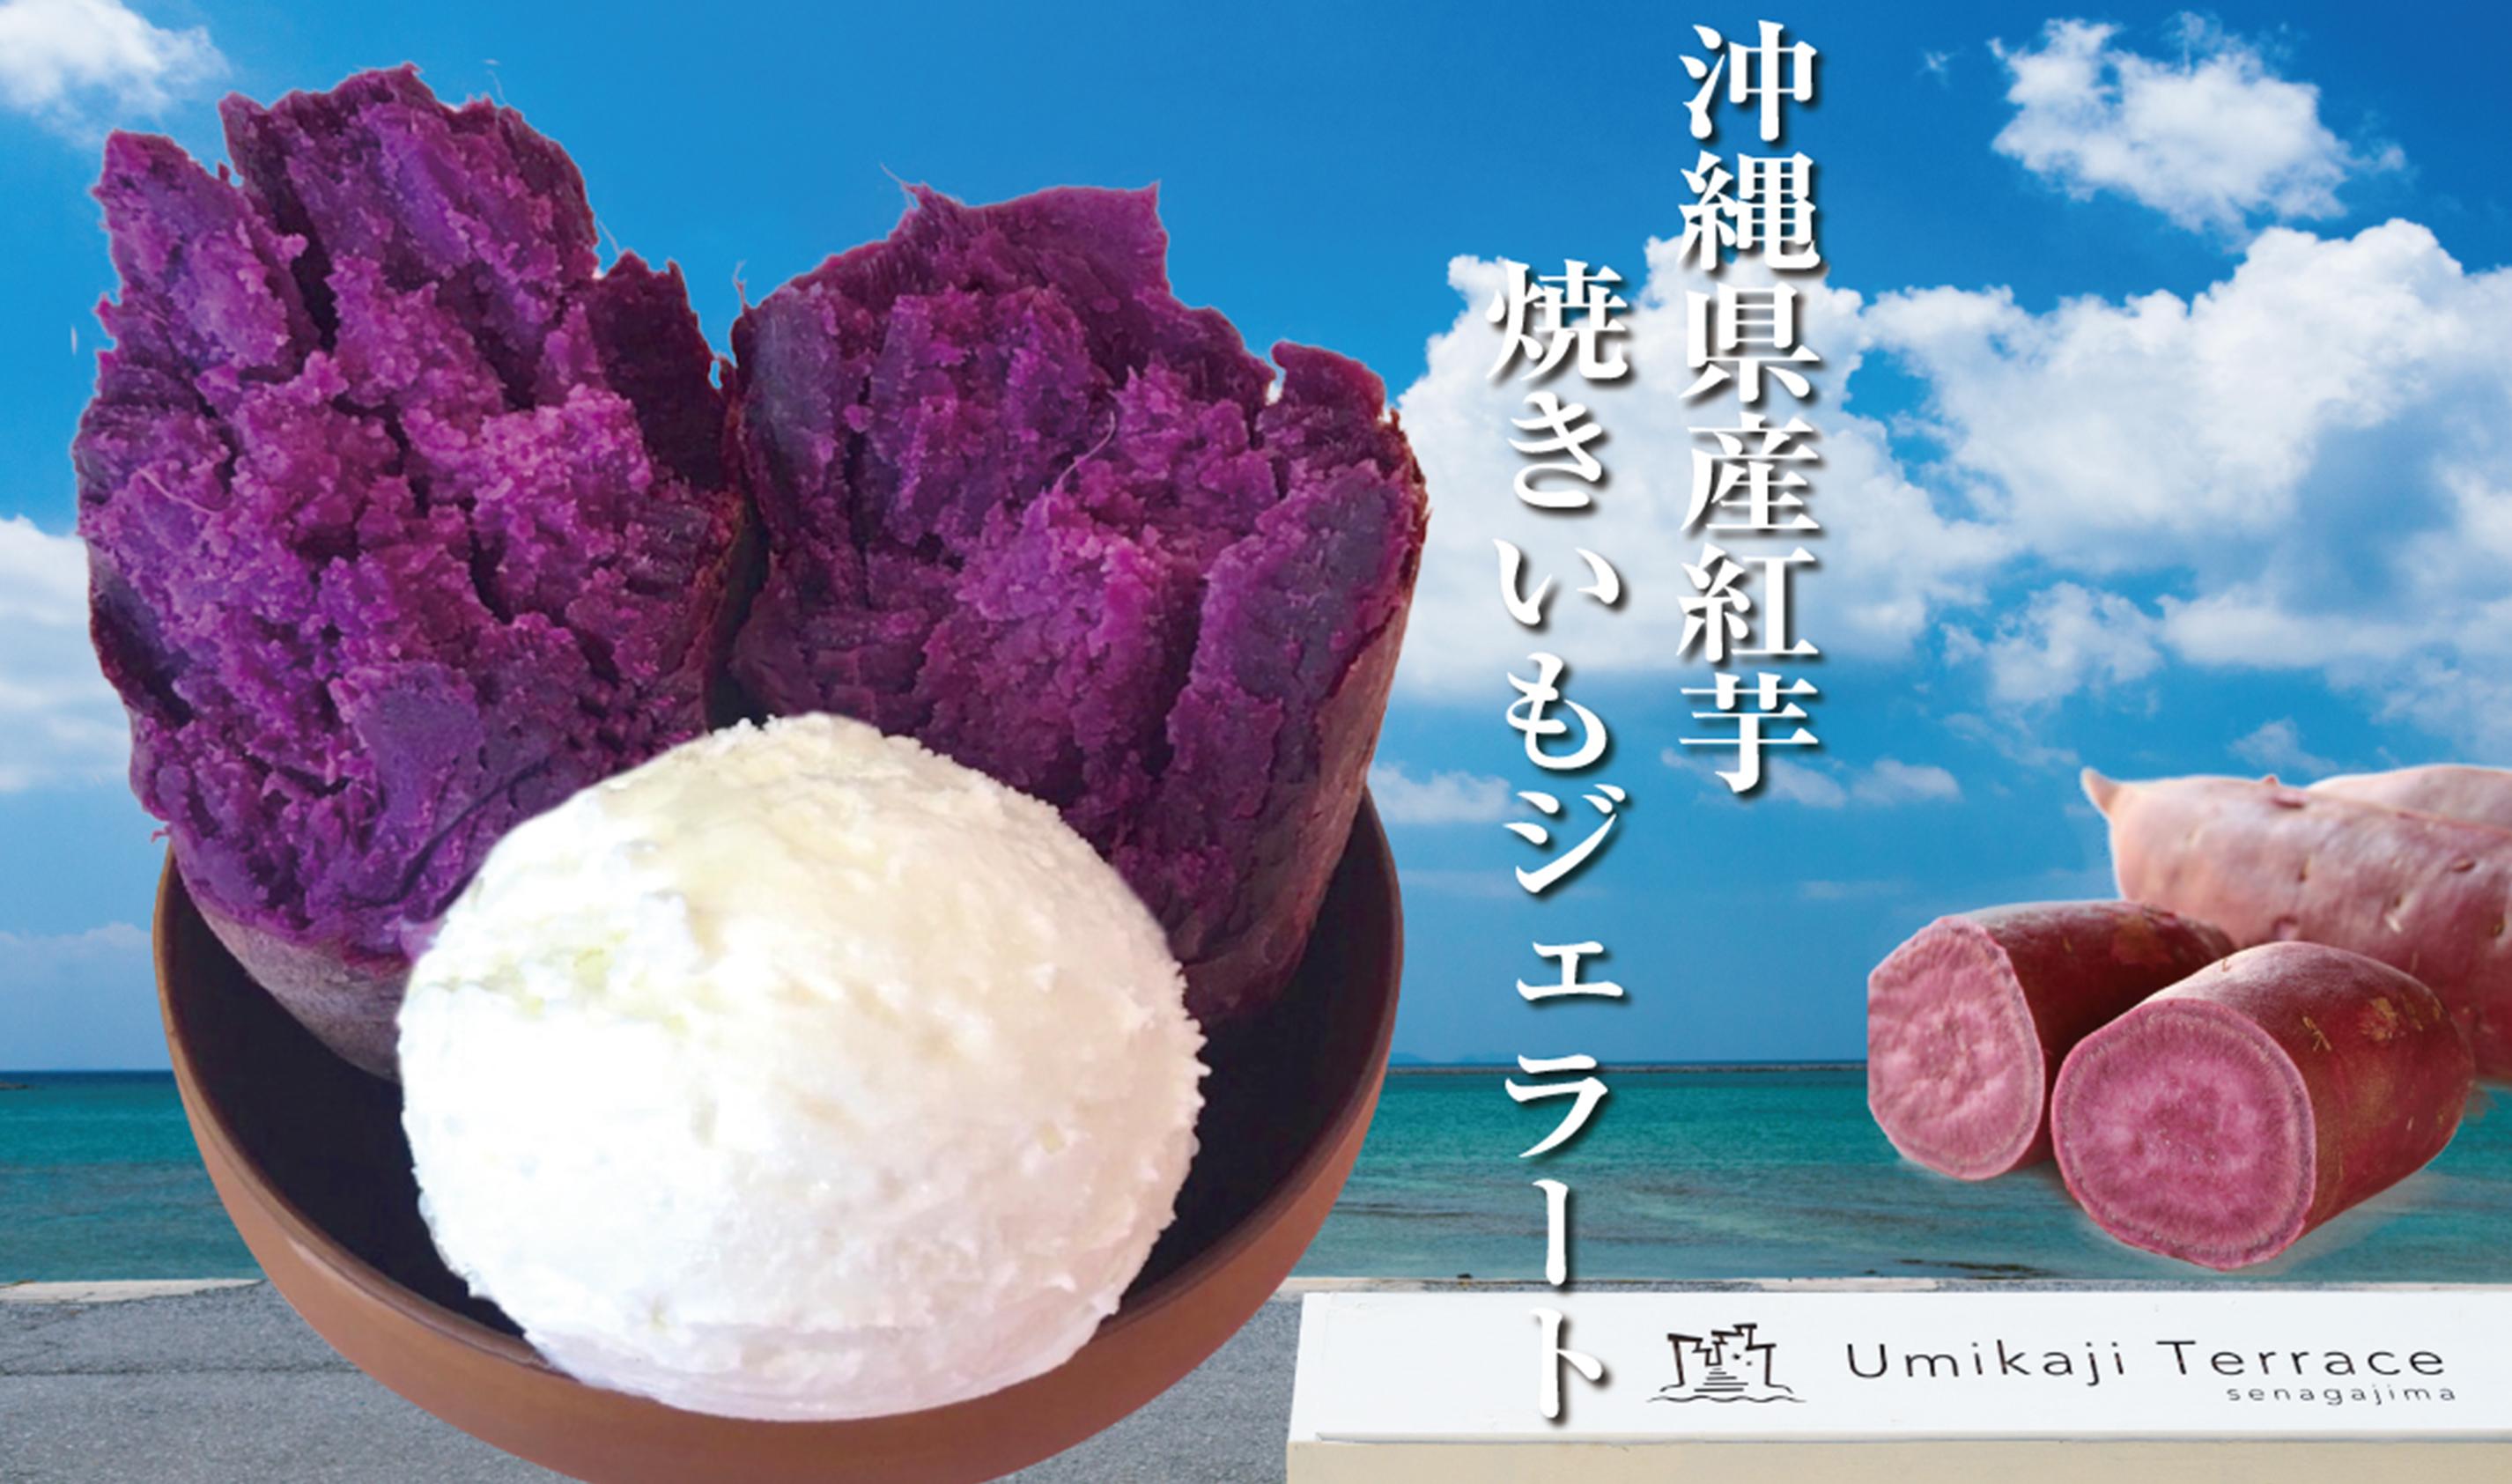 紅芋の焼きいも💖ホクホク🍠on ジェラート 日本初!